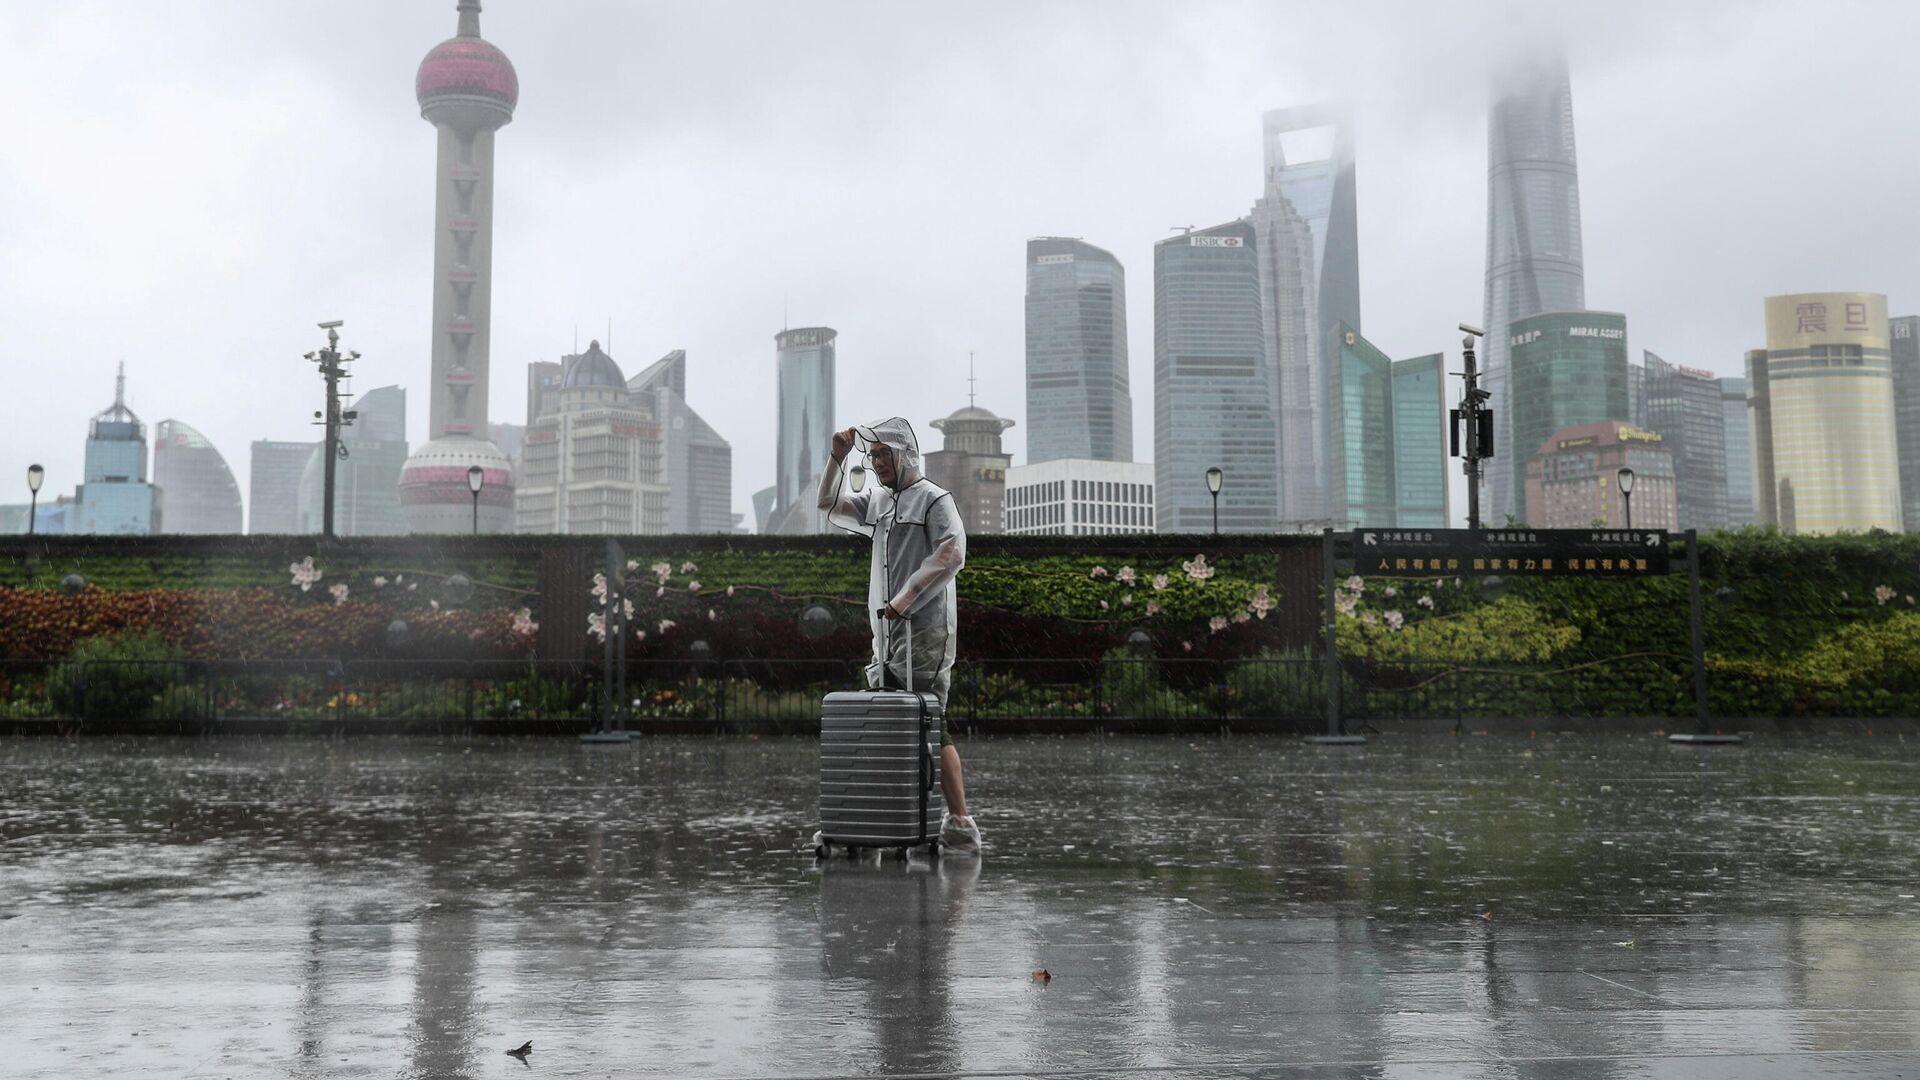 Тайфун Иньфа приближается к Шанхаю, Китай - РИА Новости, 1920, 25.07.2021